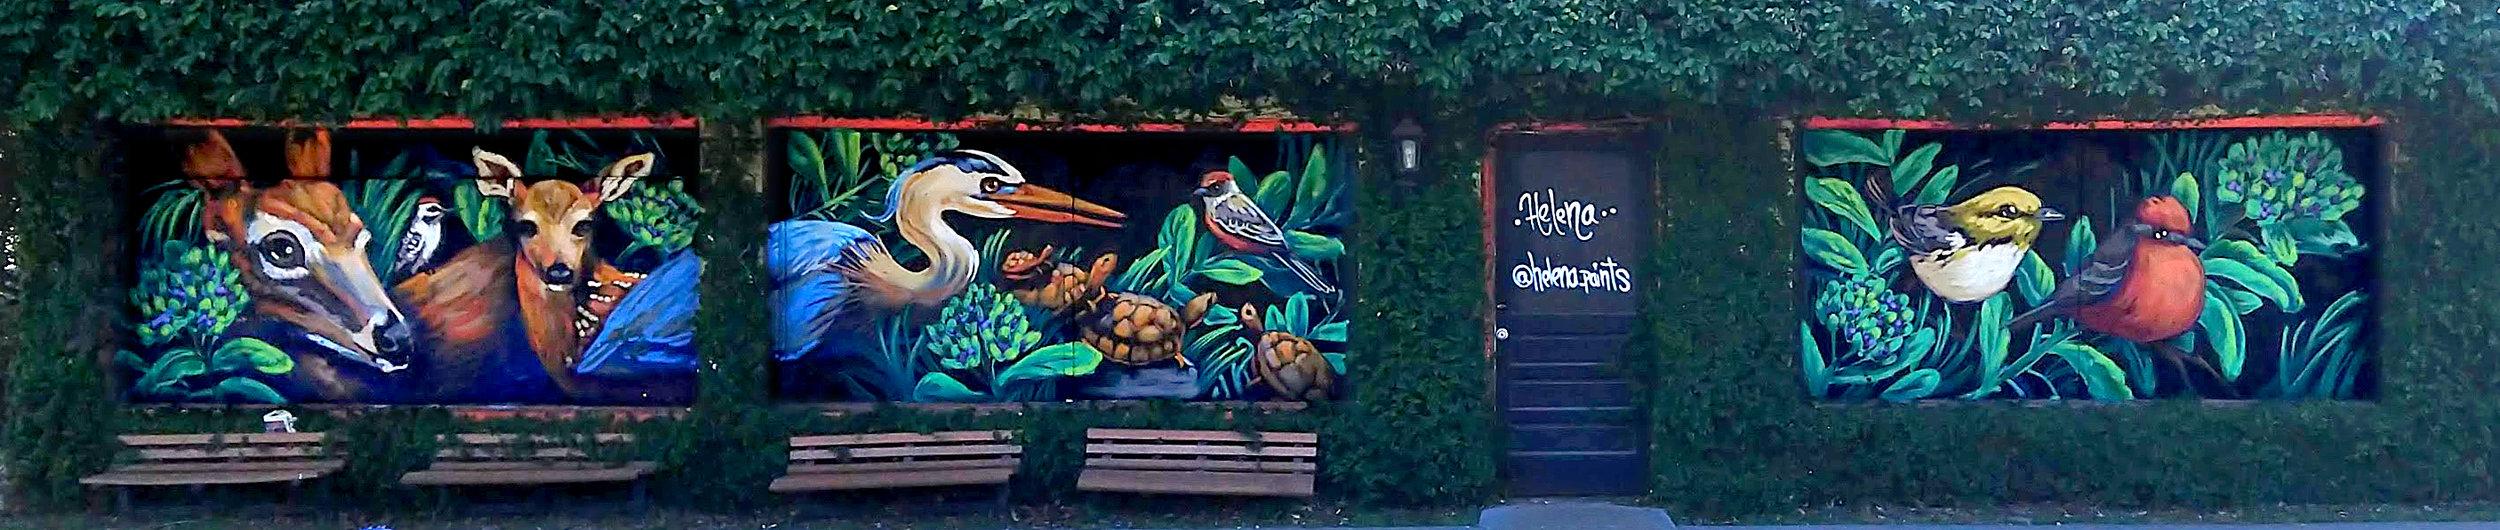 Kava Bar Mural.jpg